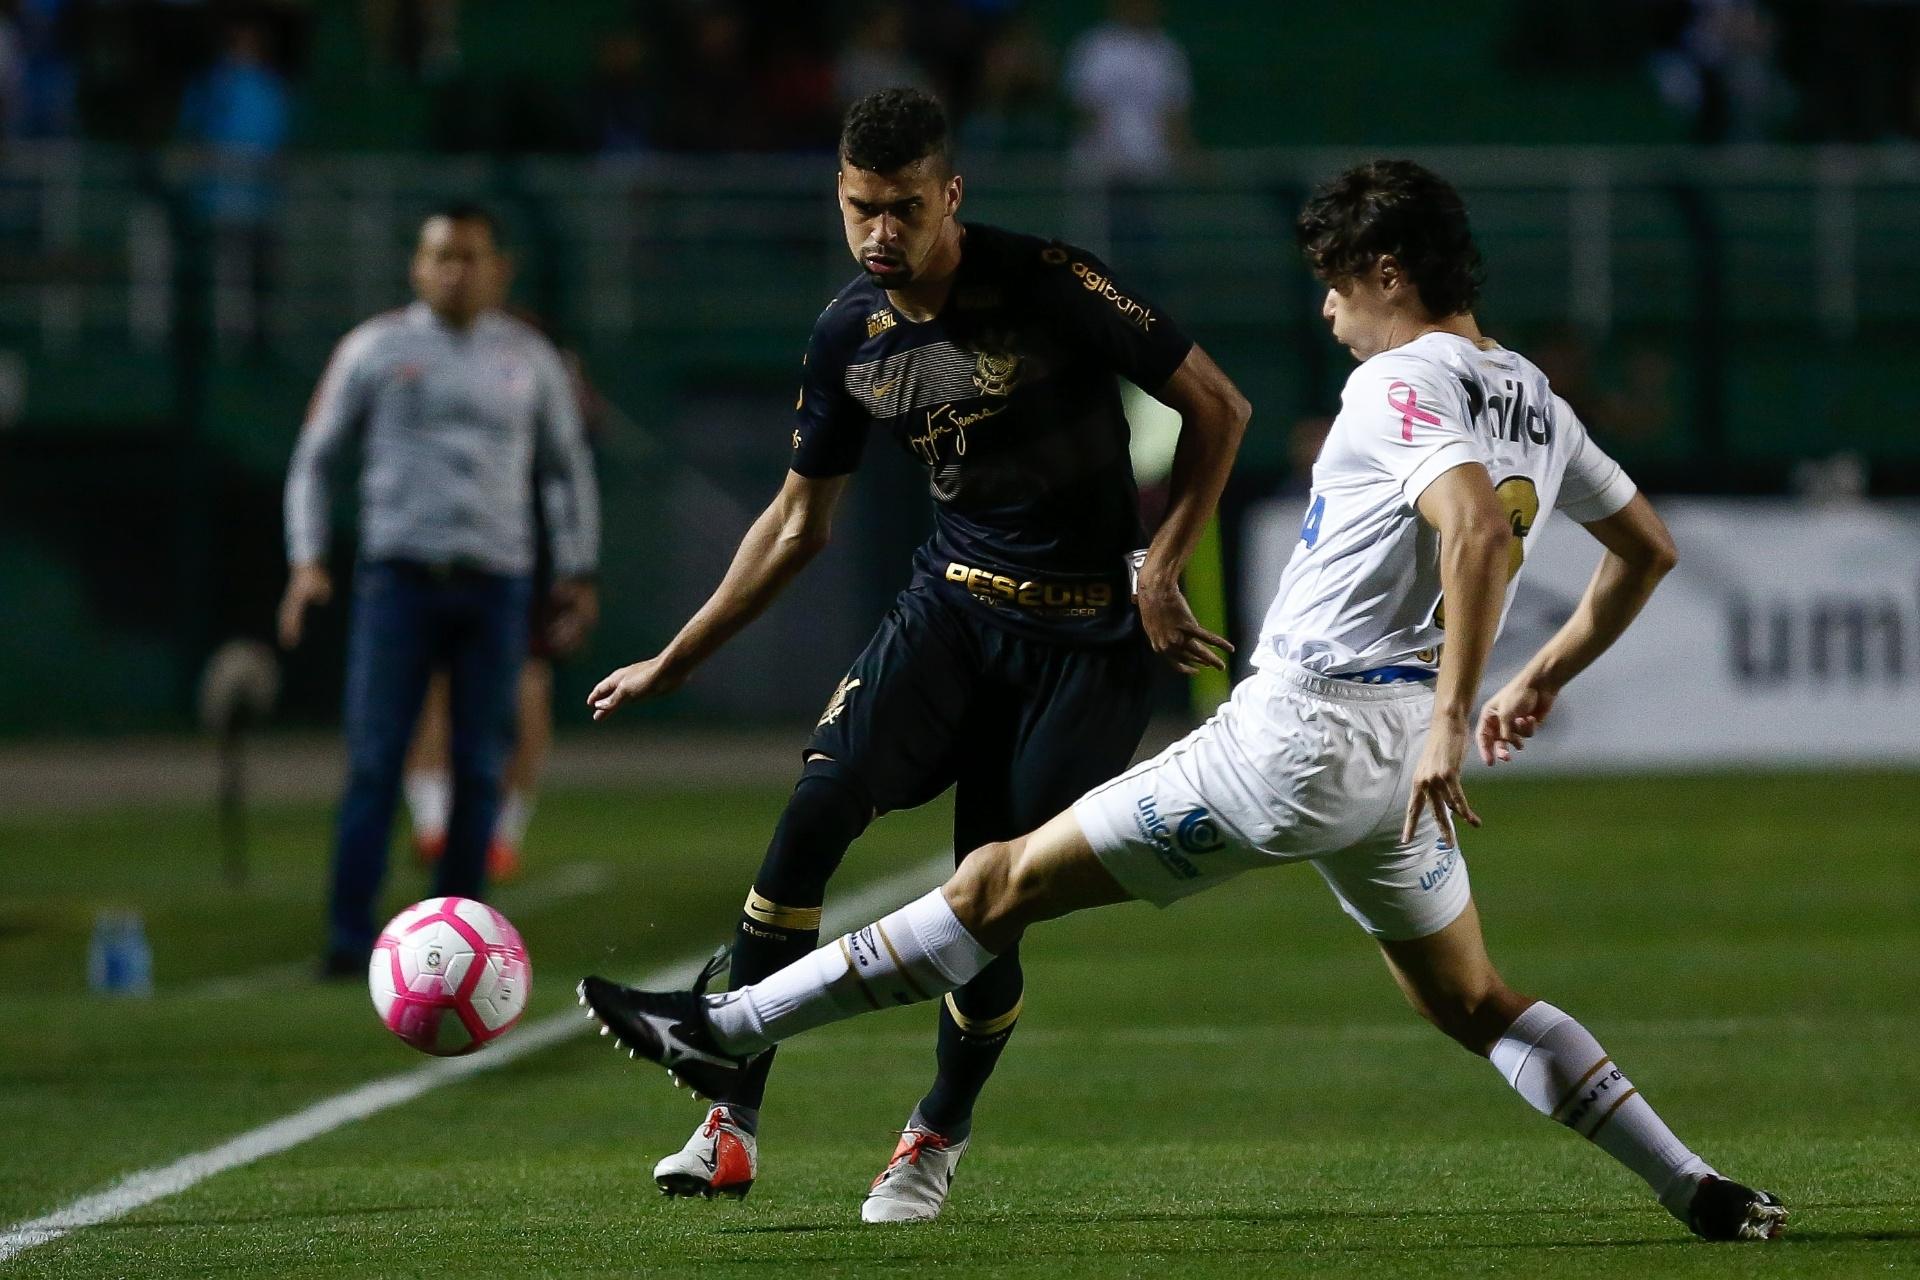 Corinthians relaciona 26 atletas para a final  Jair faz mistério -  15 10 2018 - UOL Esporte e3842b500ac77